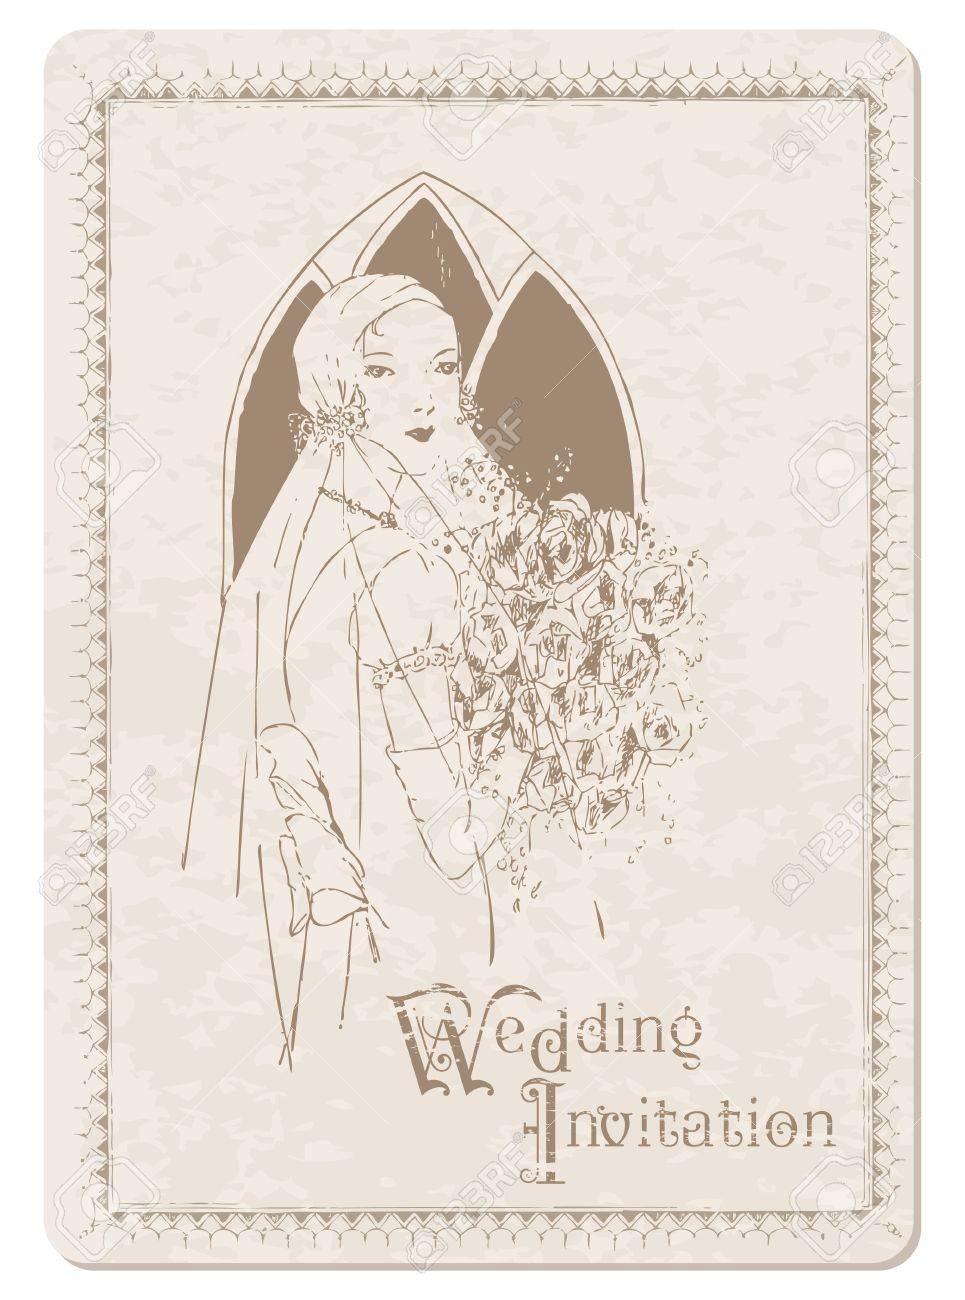 postal de invitacin de boda retro con novia para el diseo y scrapbook foto de